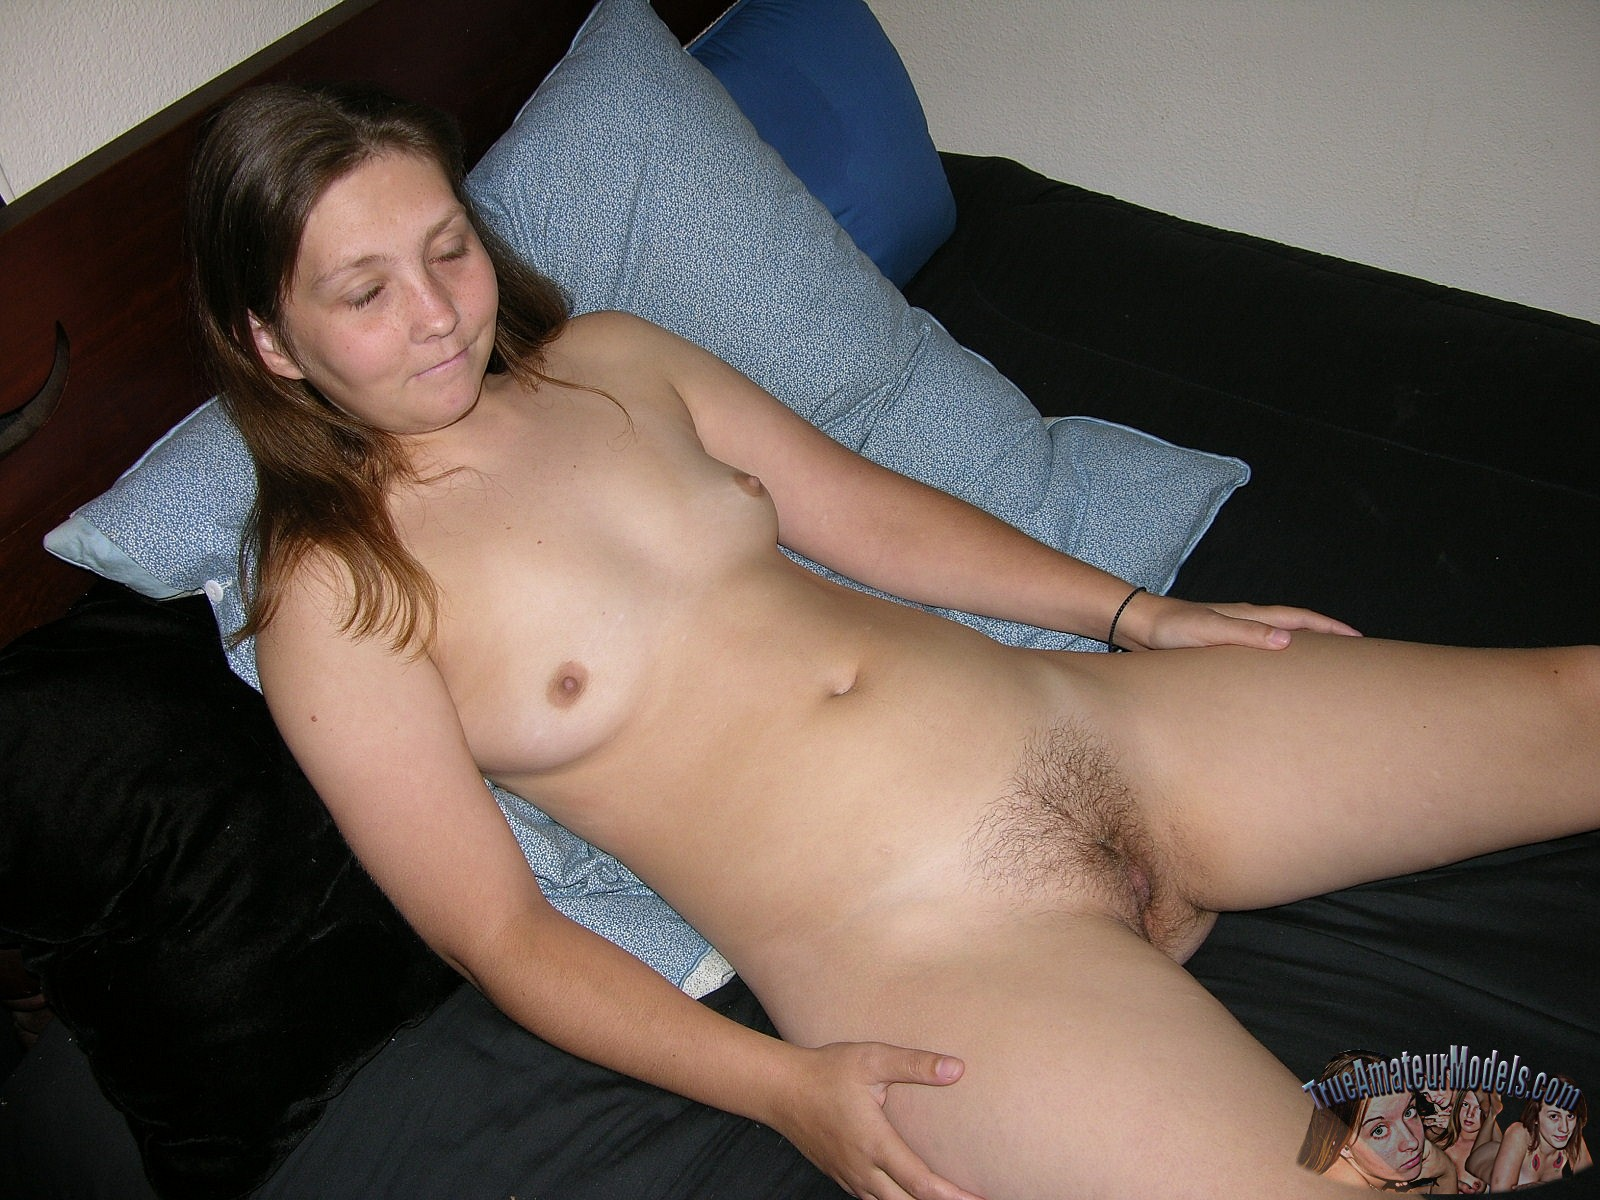 Redneck naked women hairy